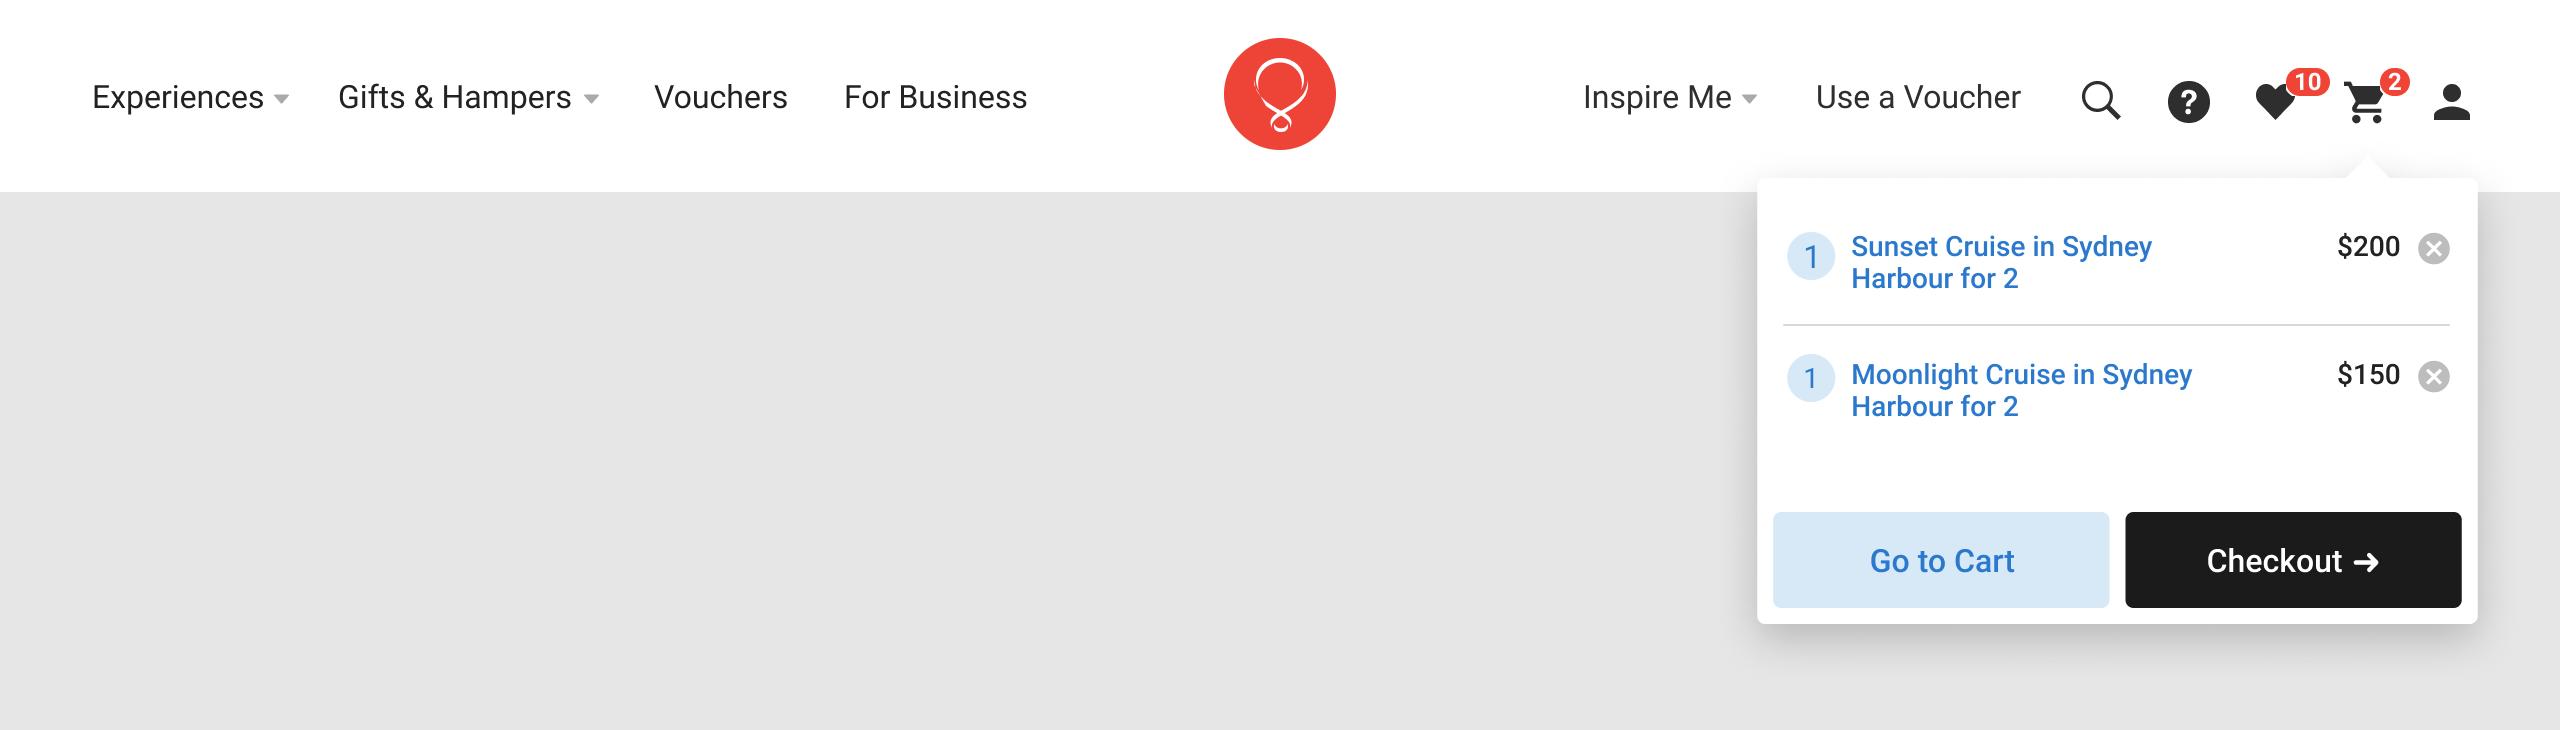 RedBalloon website navigation